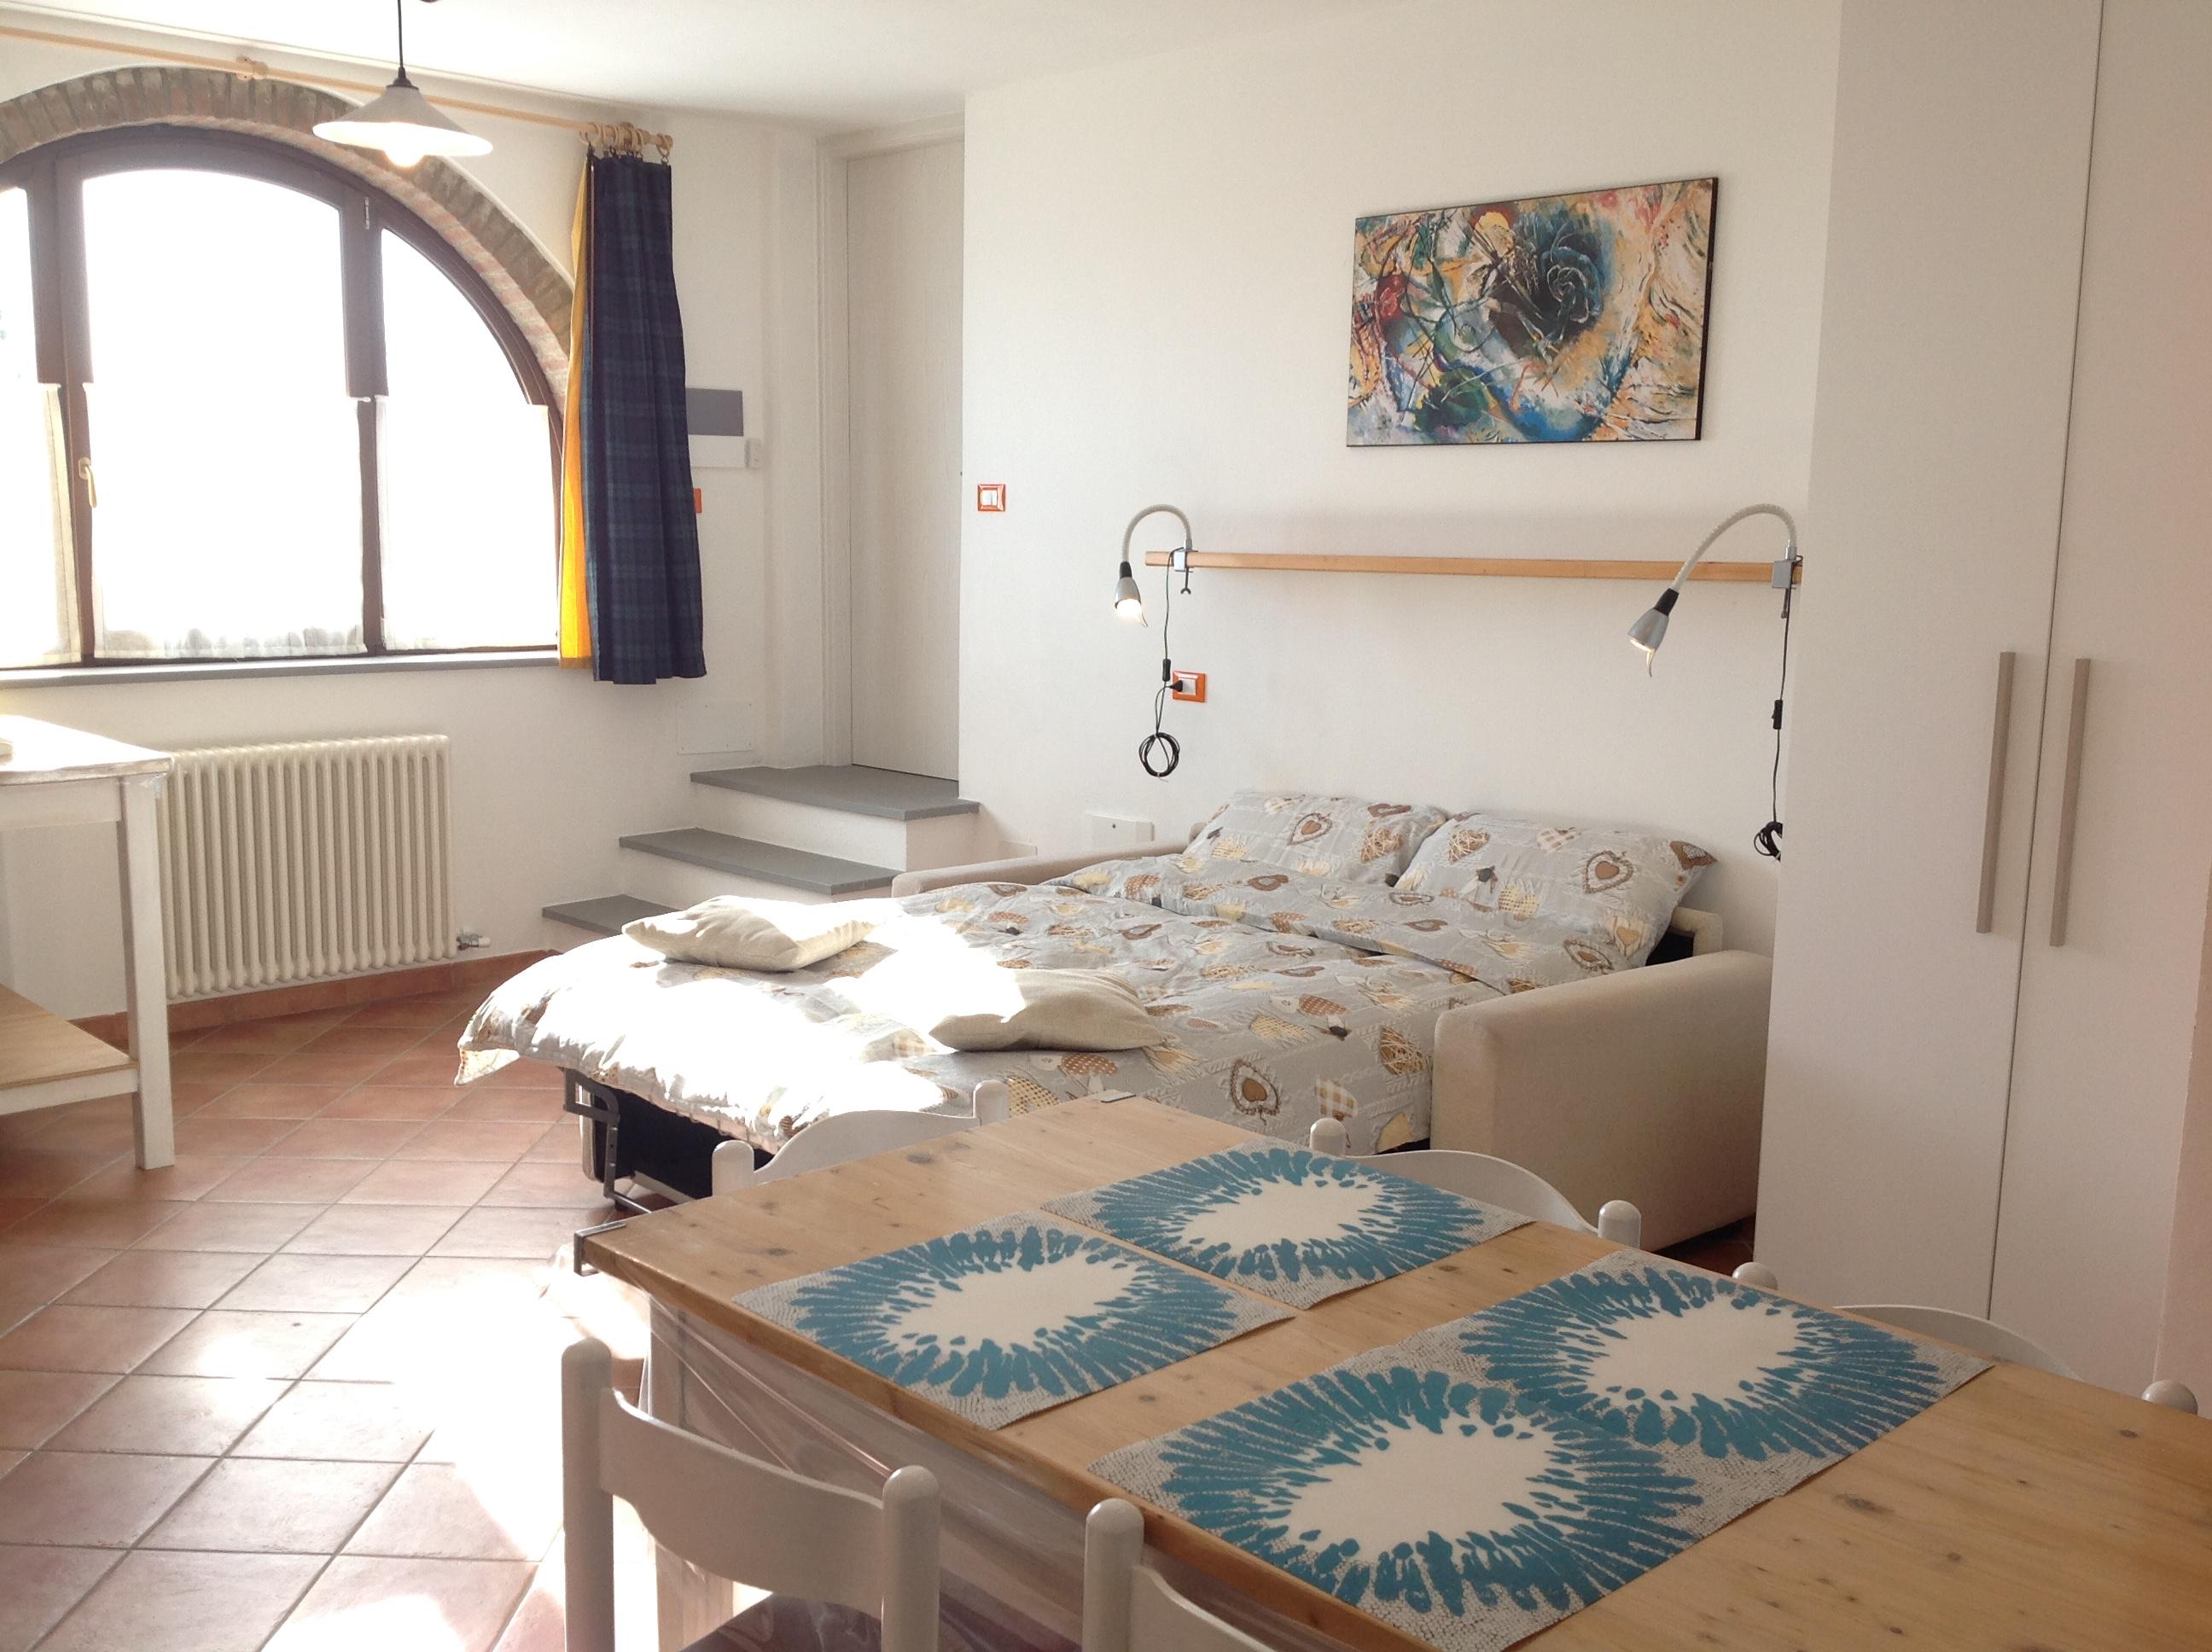 Monolocale con divano letto casa vacanze valdicciola